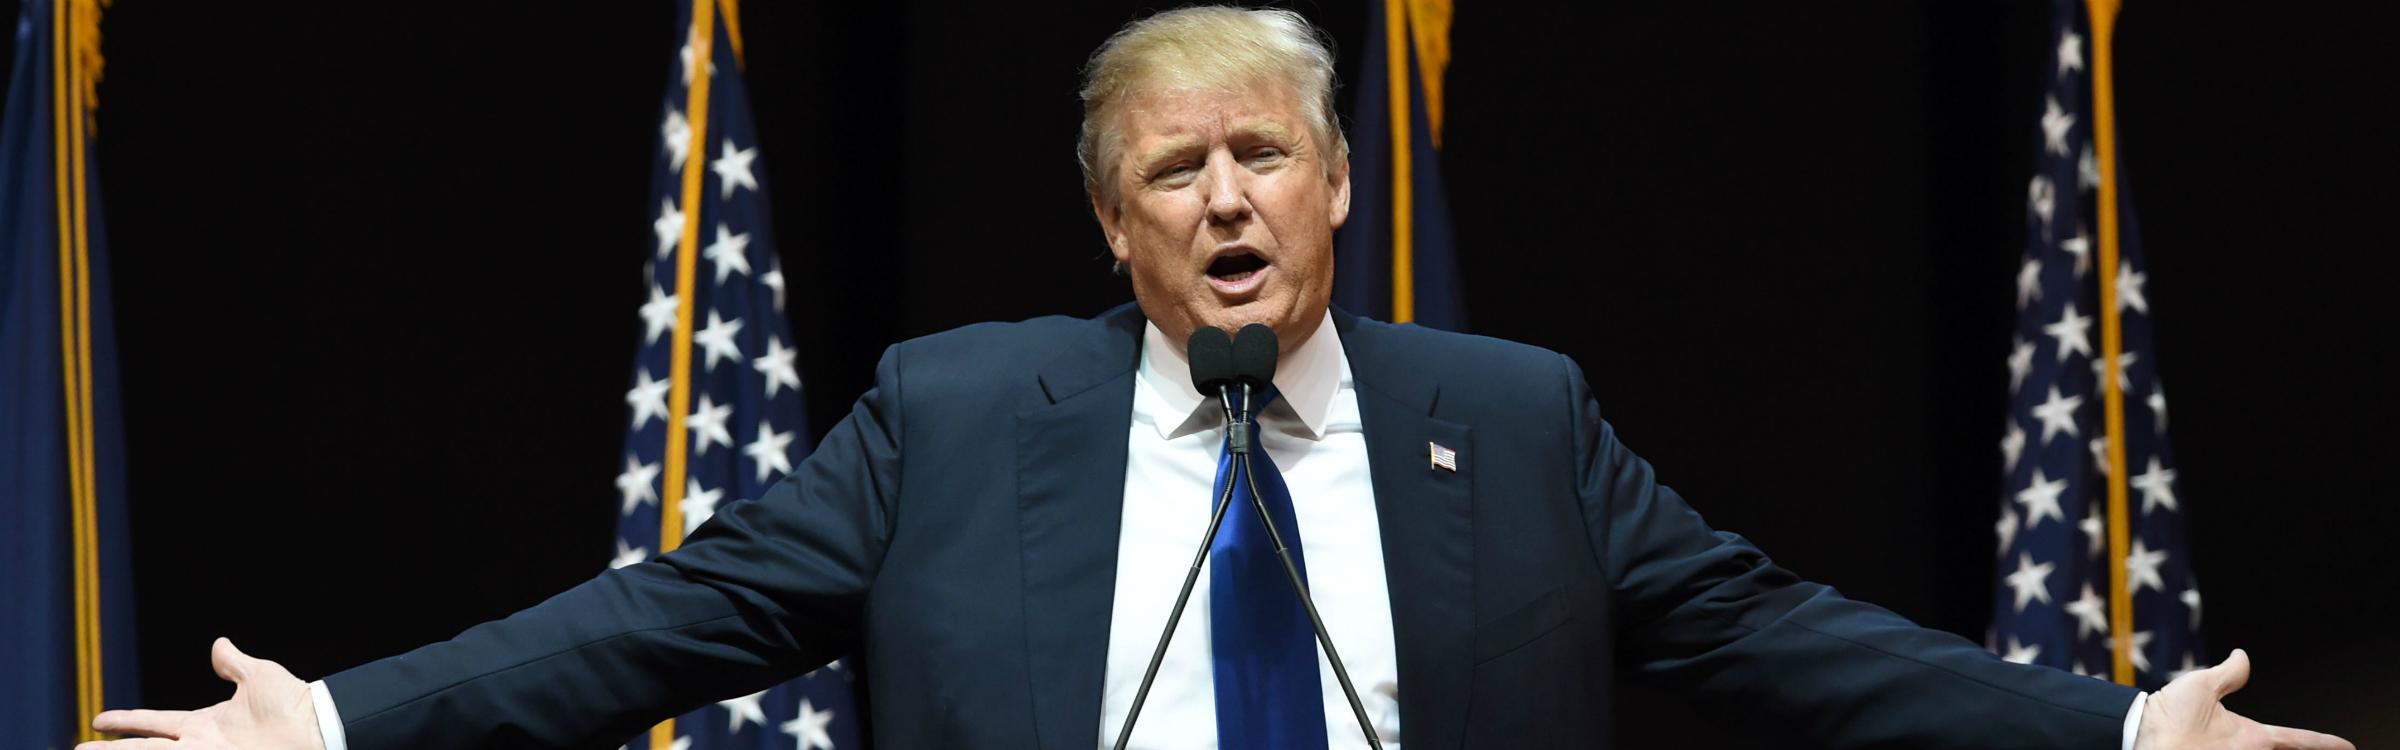 Donald trump.jpg header